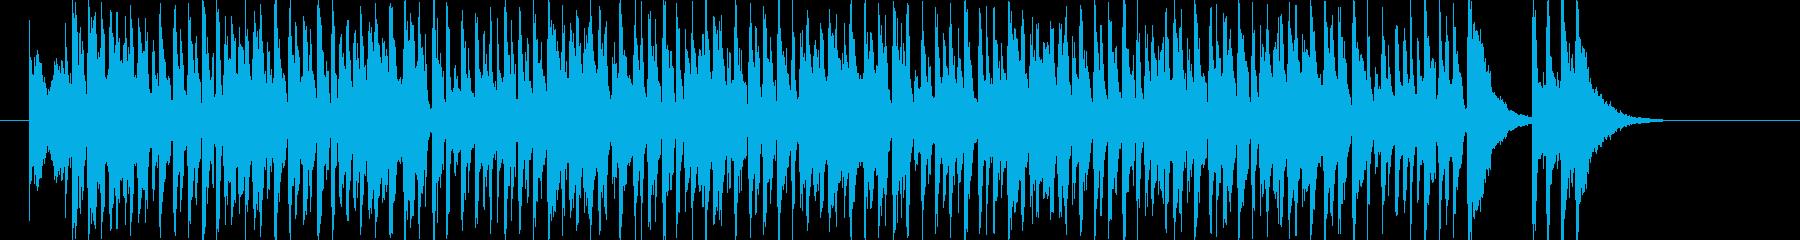 耳馴染みのいいクールなハウスの再生済みの波形